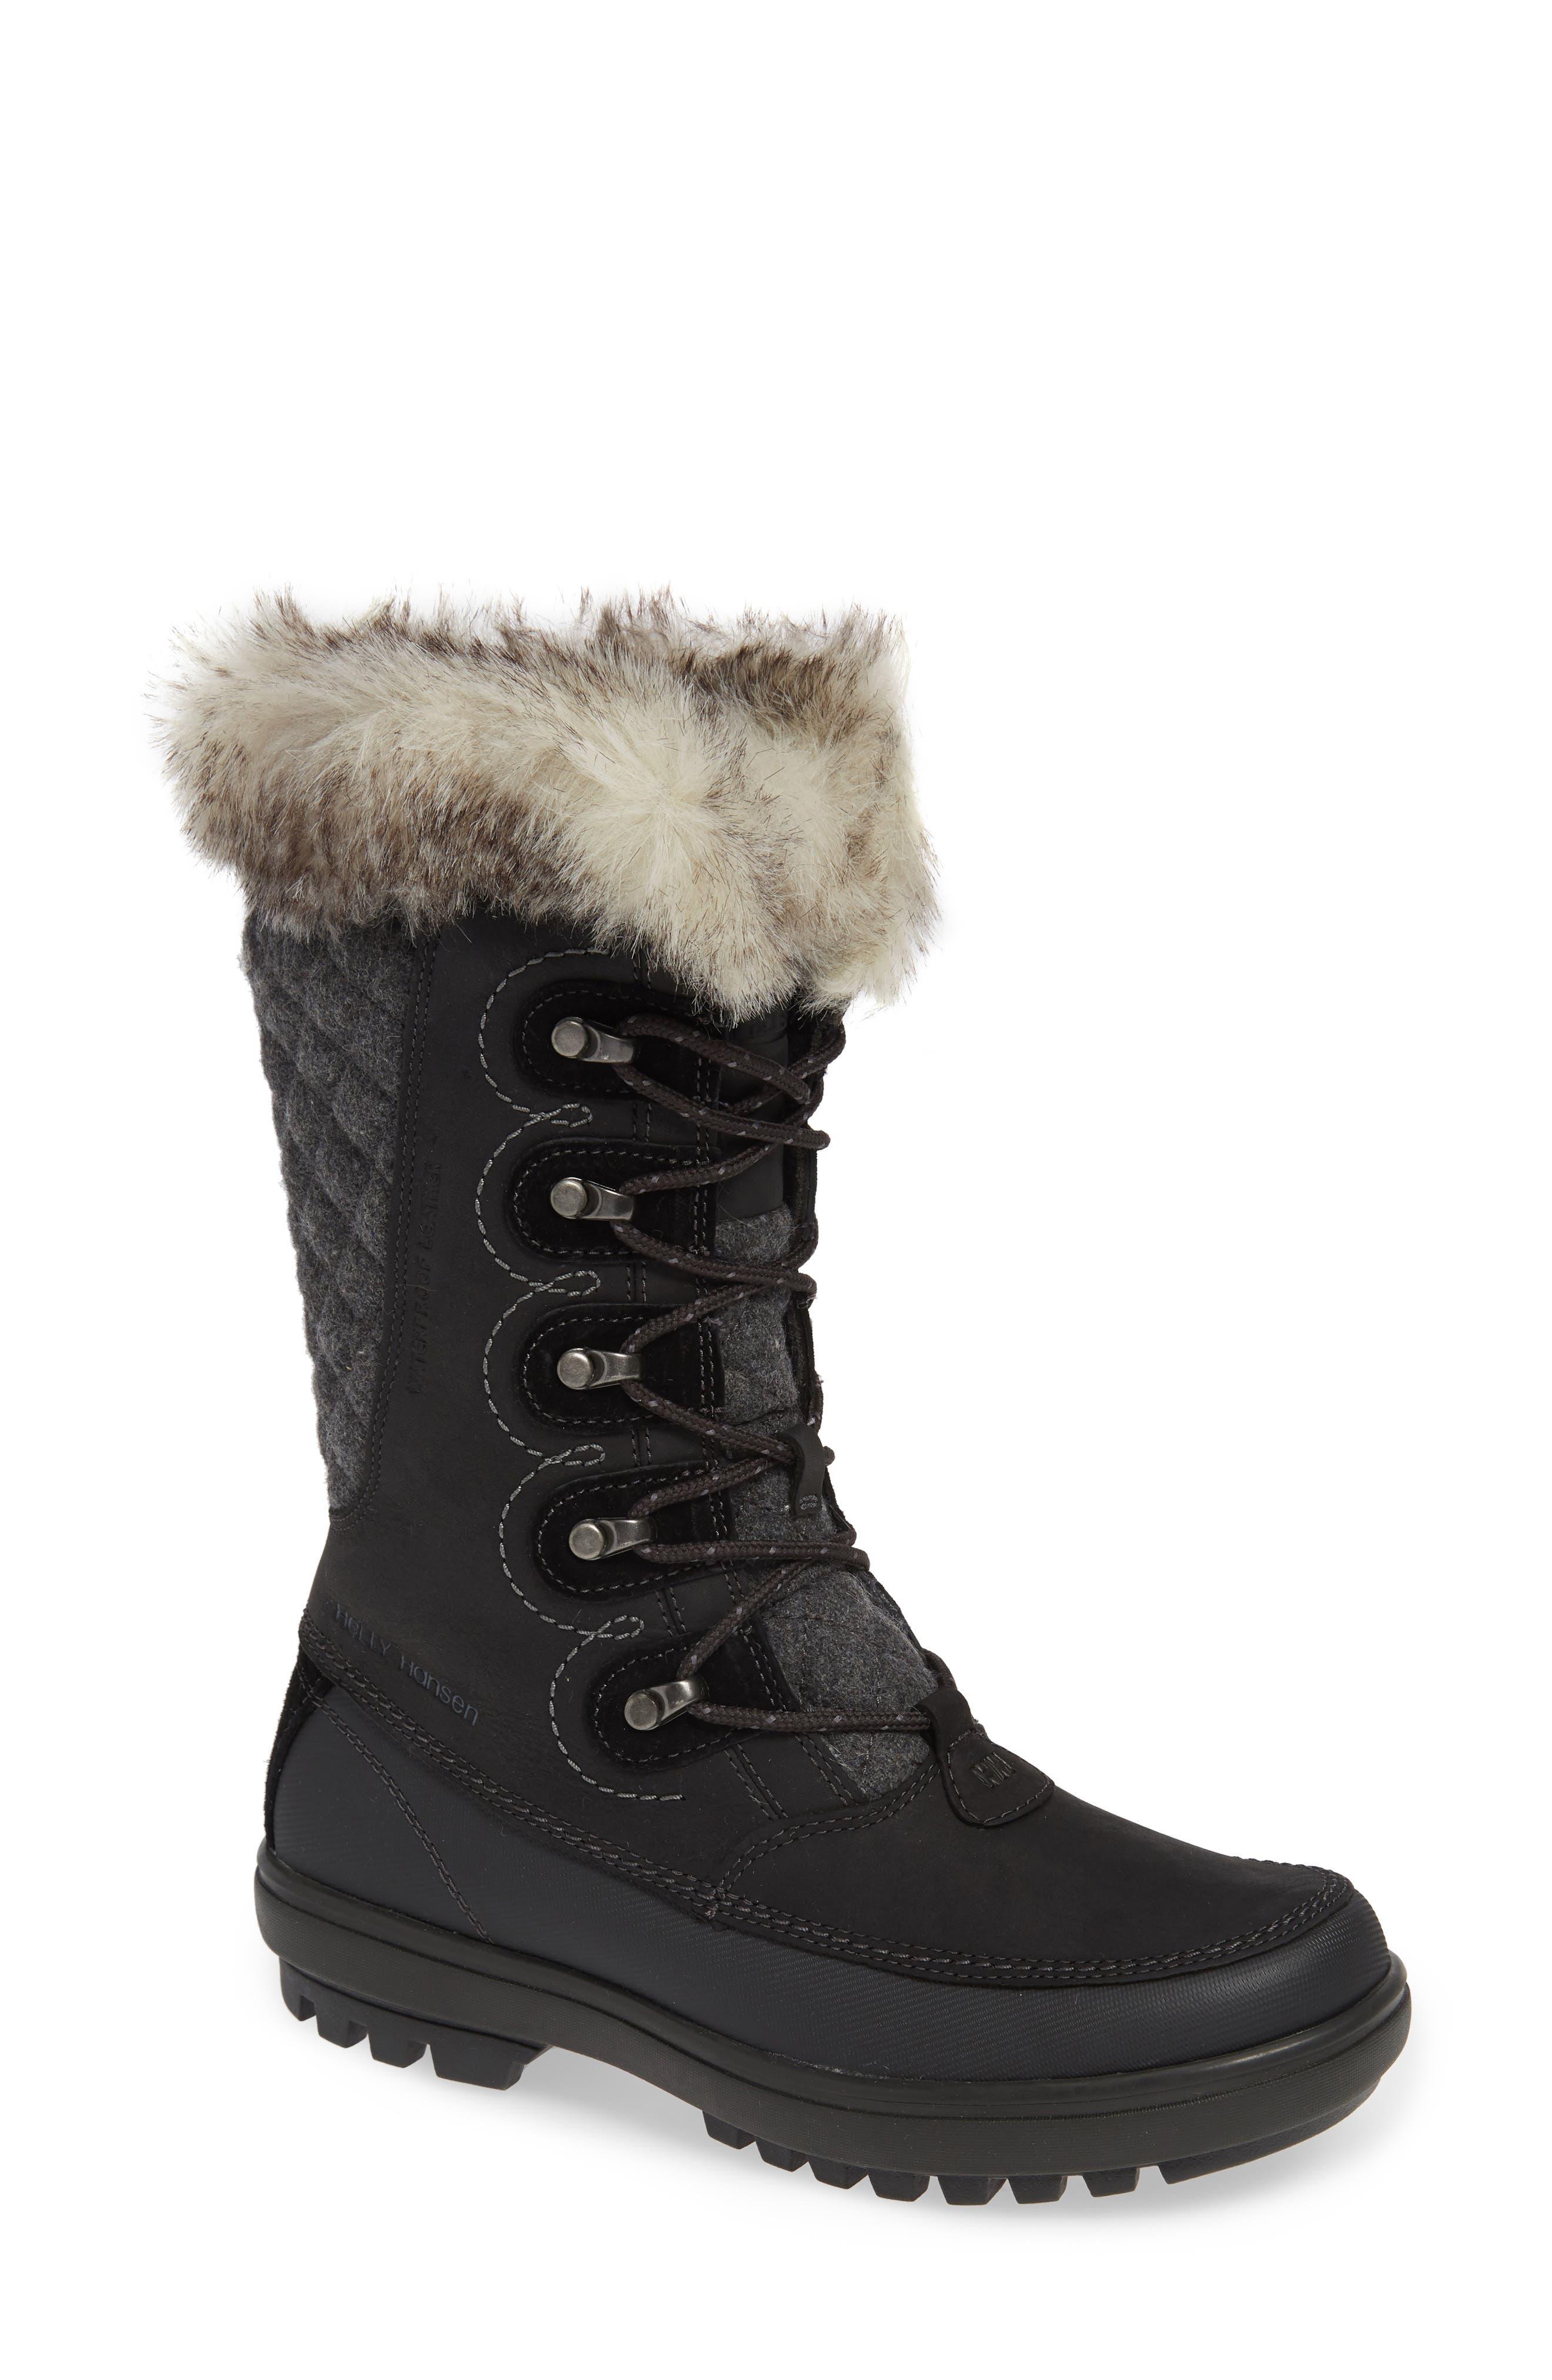 Helly Hansen Garibaldi Waterproof Boot, Black